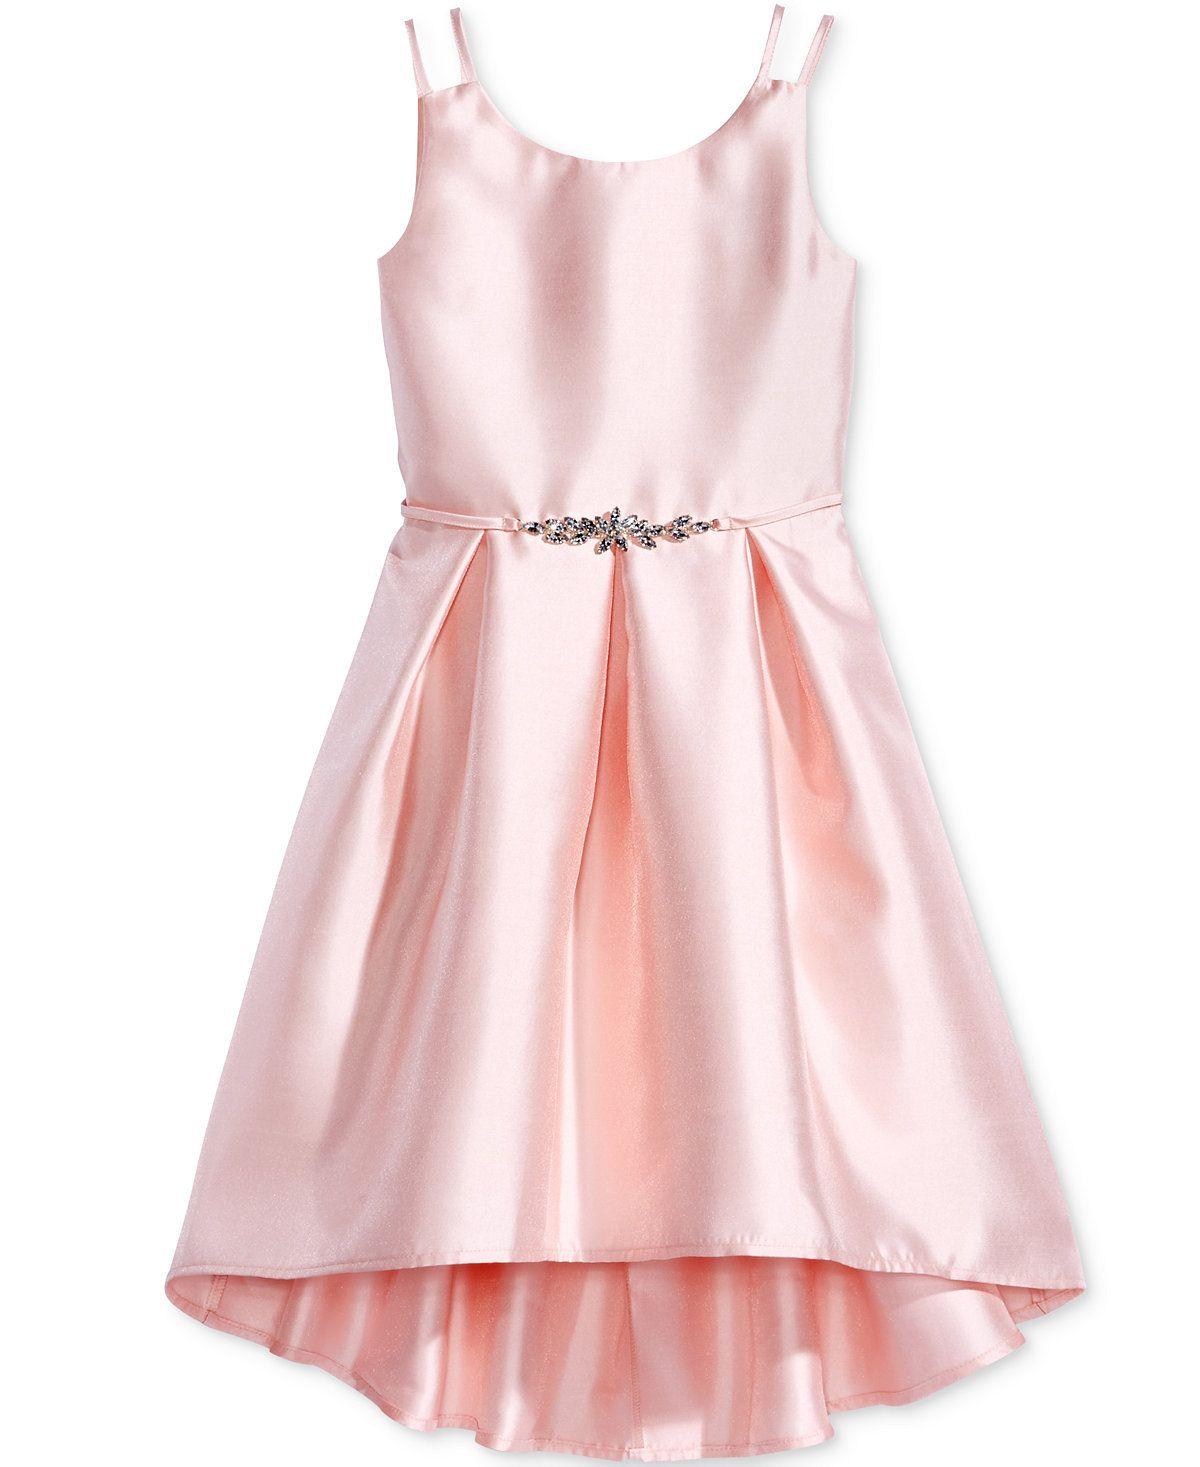 Pink Violet Satin Dress Big Girls 7 16 Girls Dresses Kids